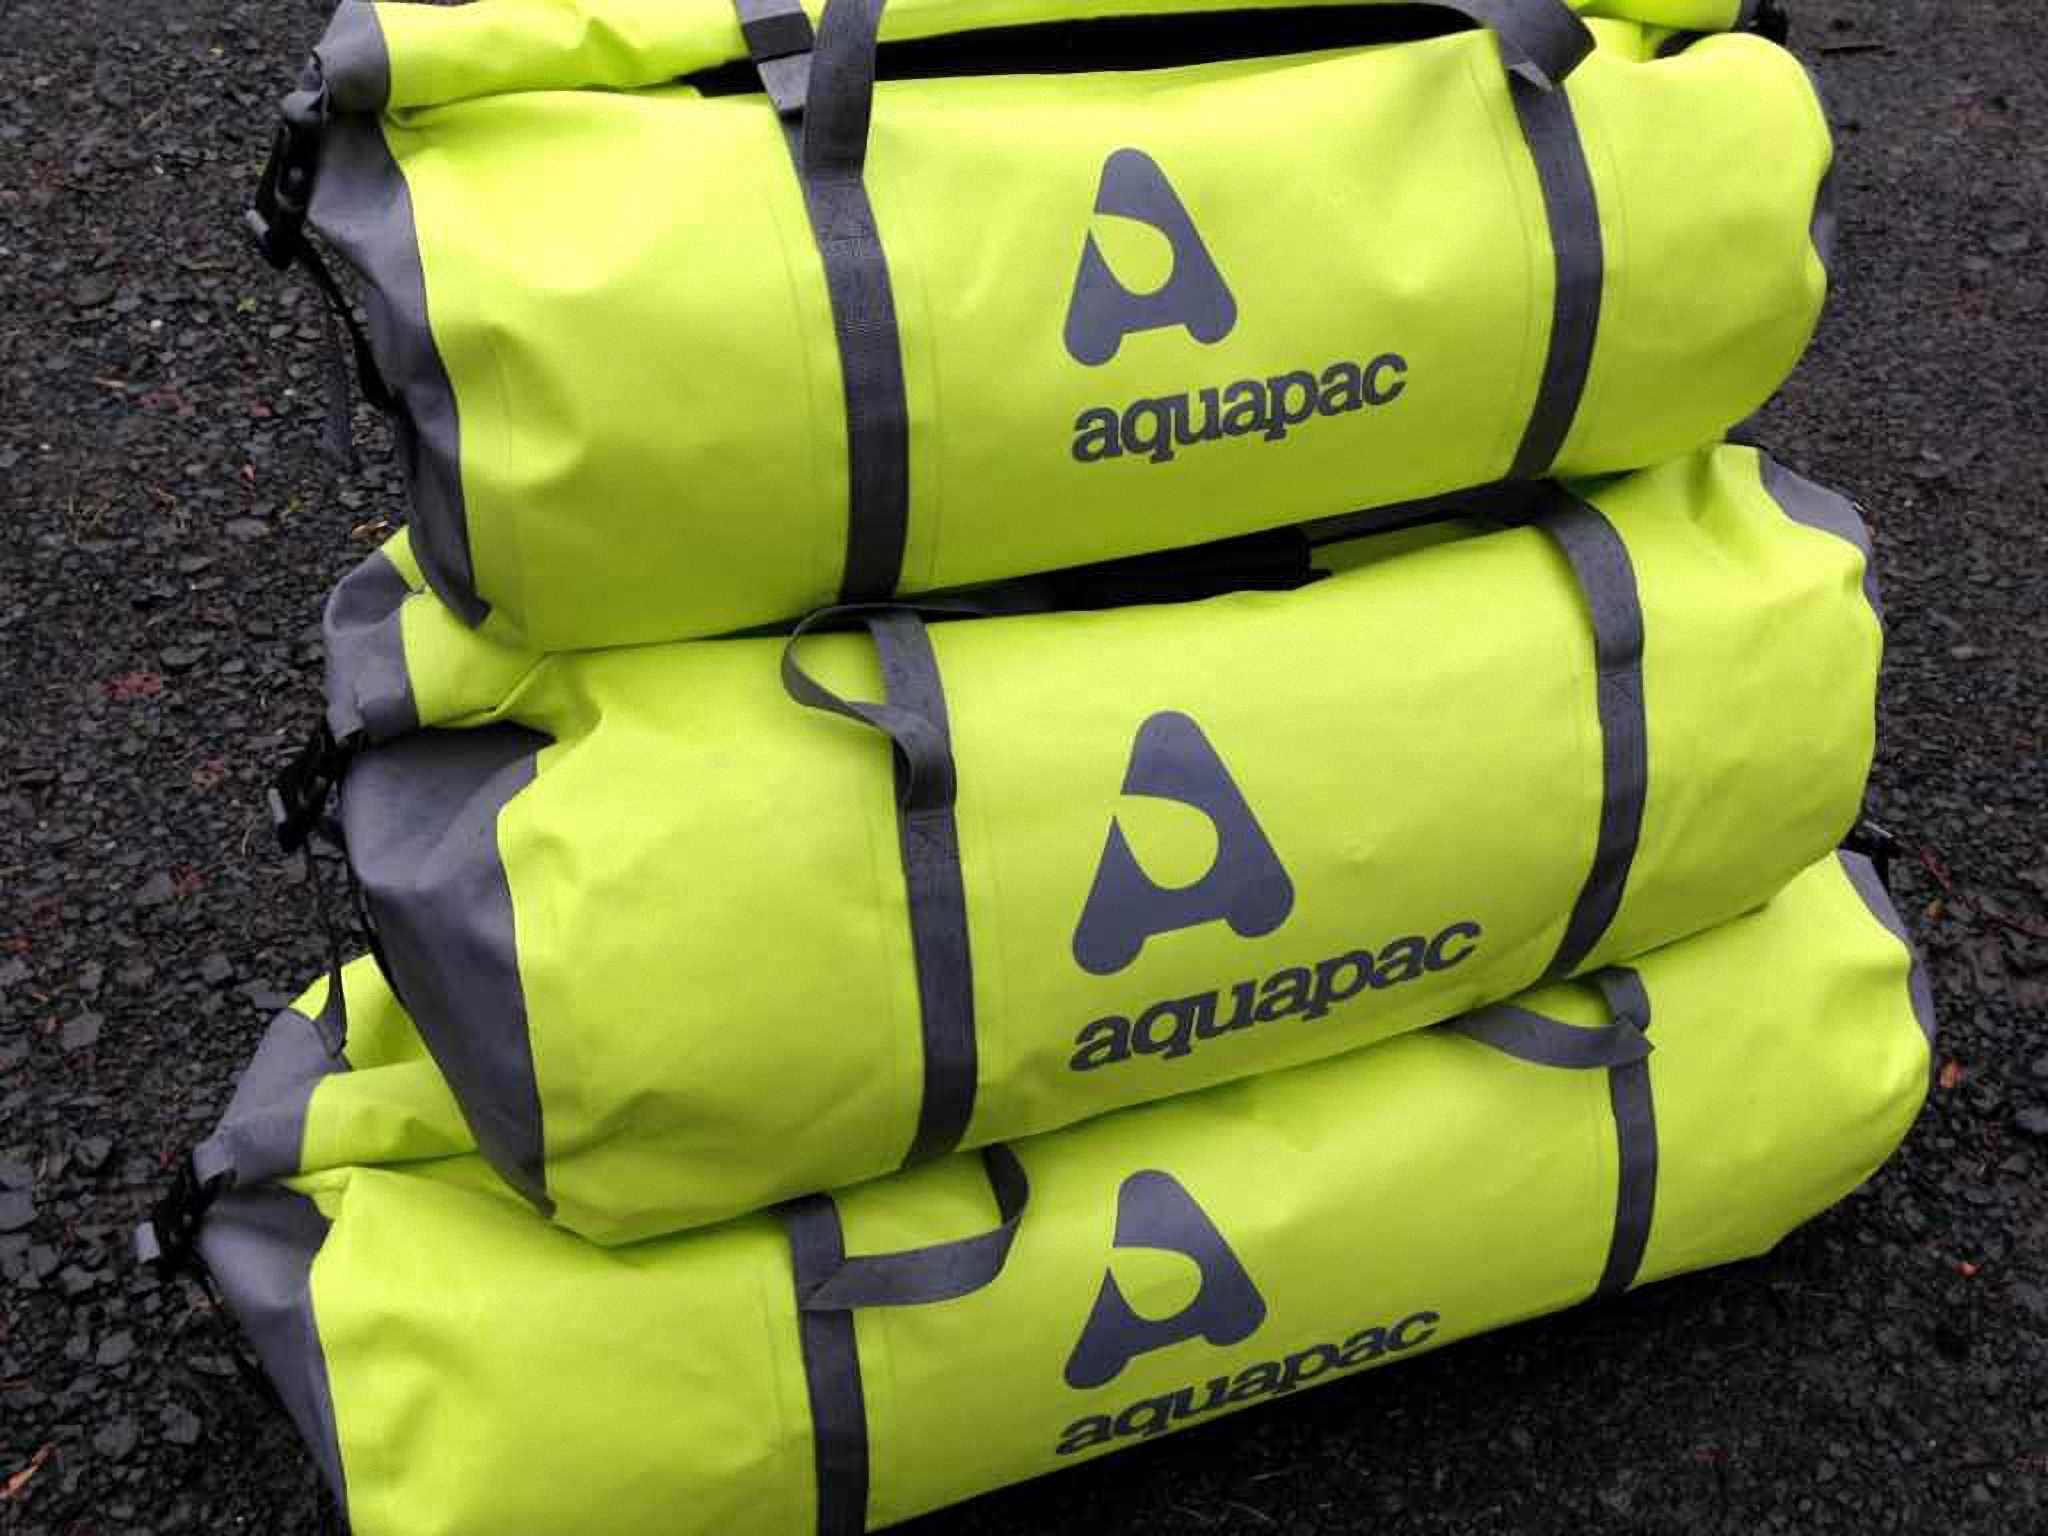 Водонепроницаемая сумка Aquapac 723 - TrailProof Duffels - 70L.. Aquapac - №1 в мире водонепроницаемых чехлов и сумок. Фото 2